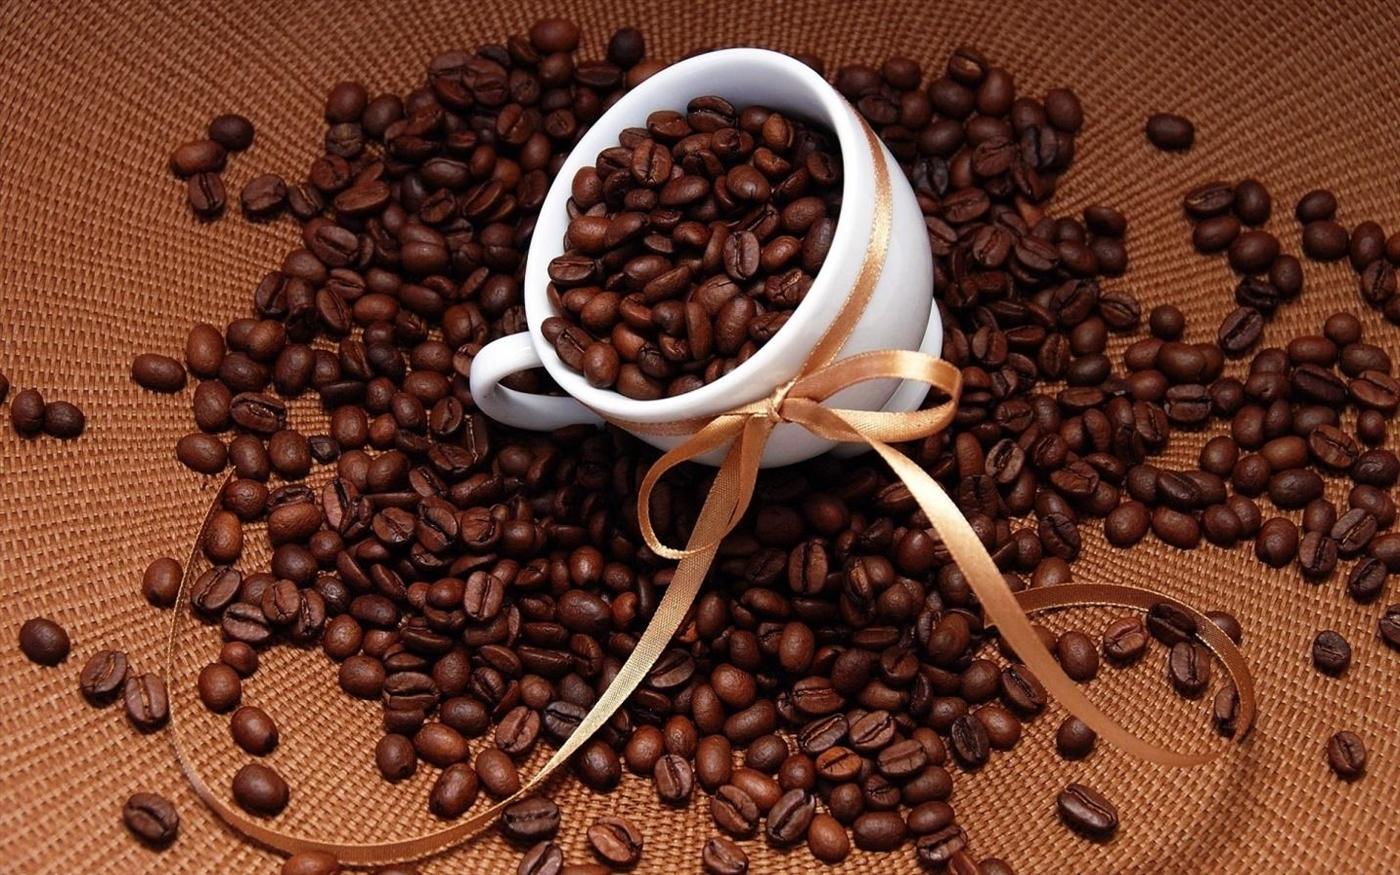 Cà phê nguyên chất được rất nhiều người yêu thích hiện nay